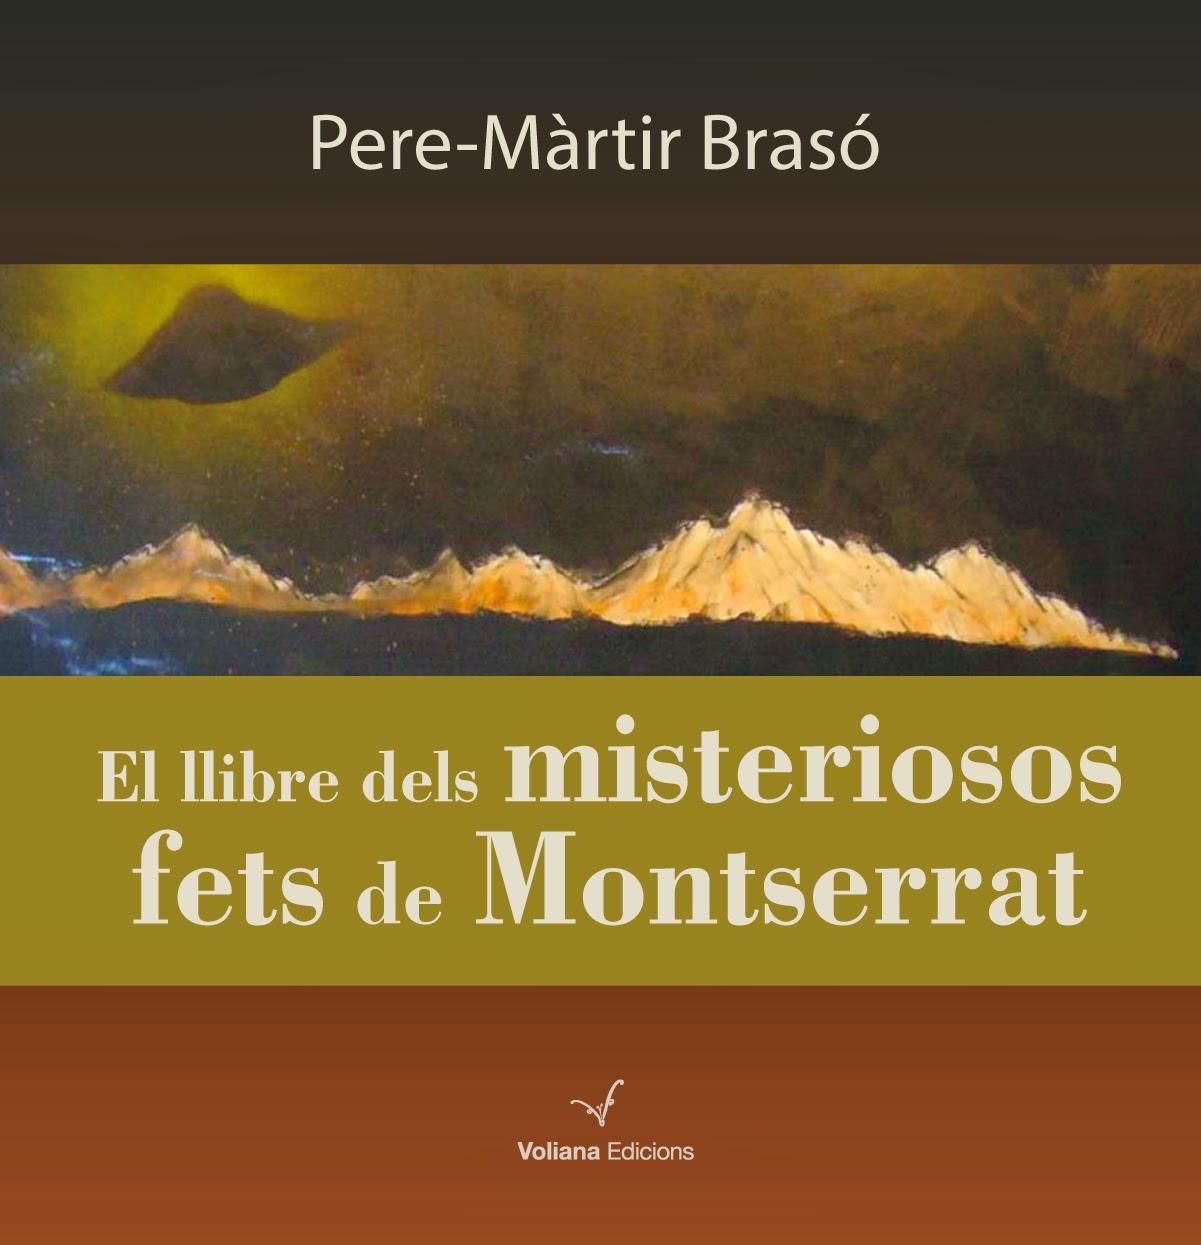 El llibre dels misteriosos fets de Montserrat